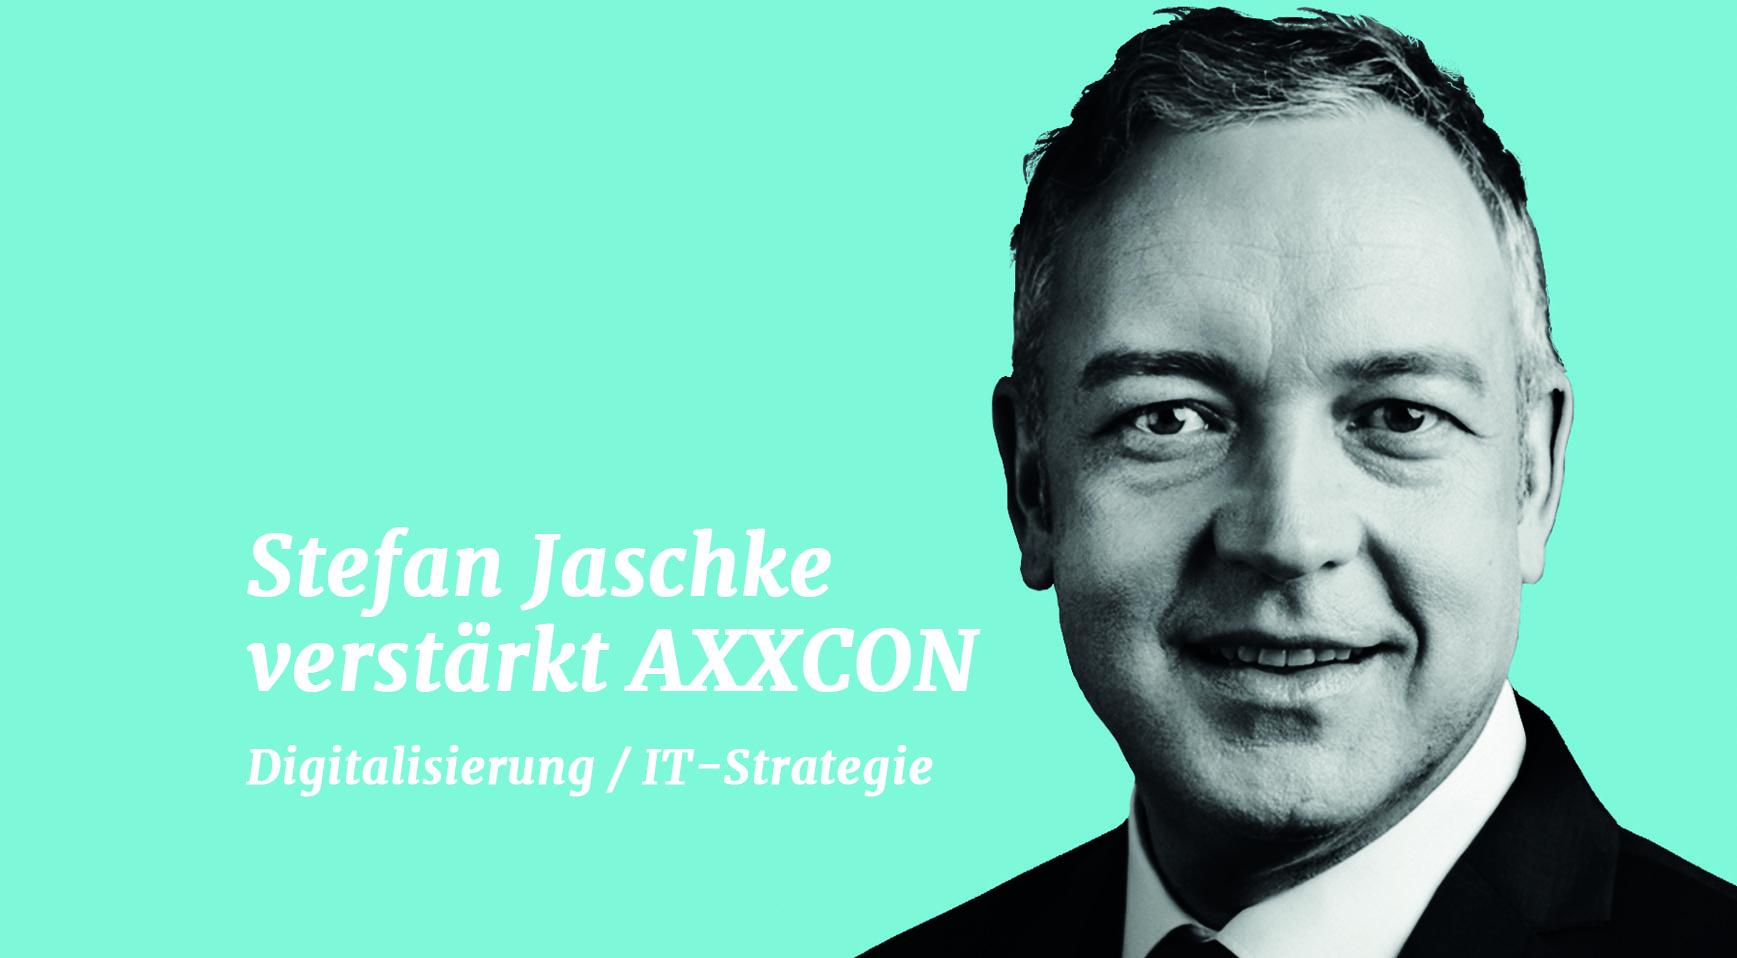 AXXCON wächst Stefan Jaschke